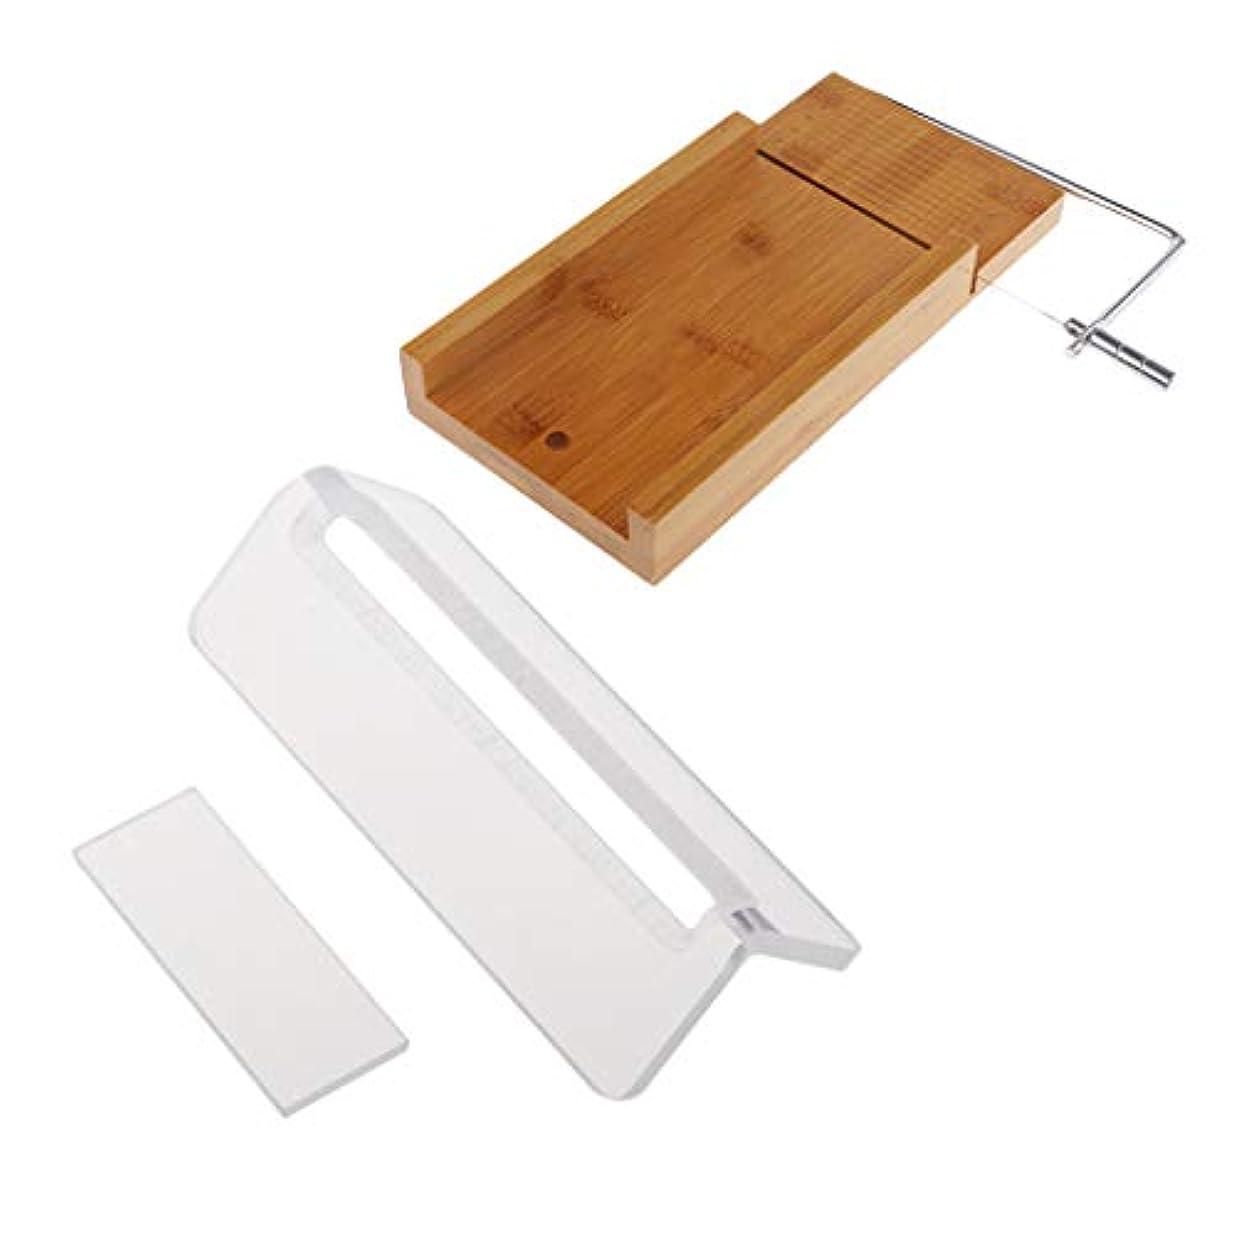 犠牲美徳ローフカッター 木製 ソープ包丁 石鹸カッター 手作り石鹸 DIY キッチン用品 2個入り